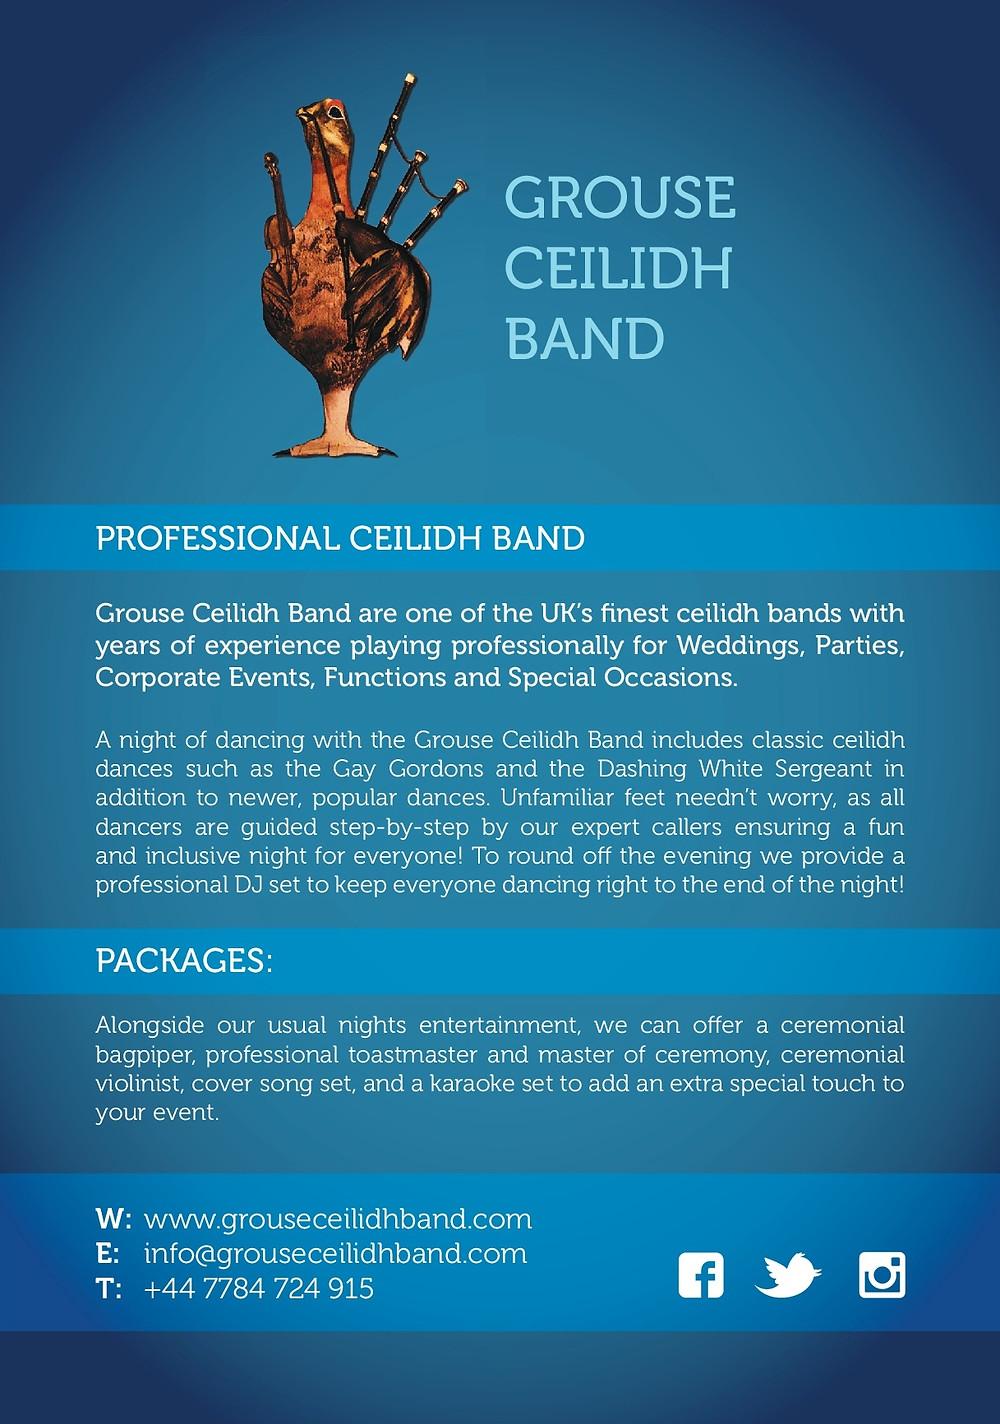 Grouse Ceilidh Band Handout